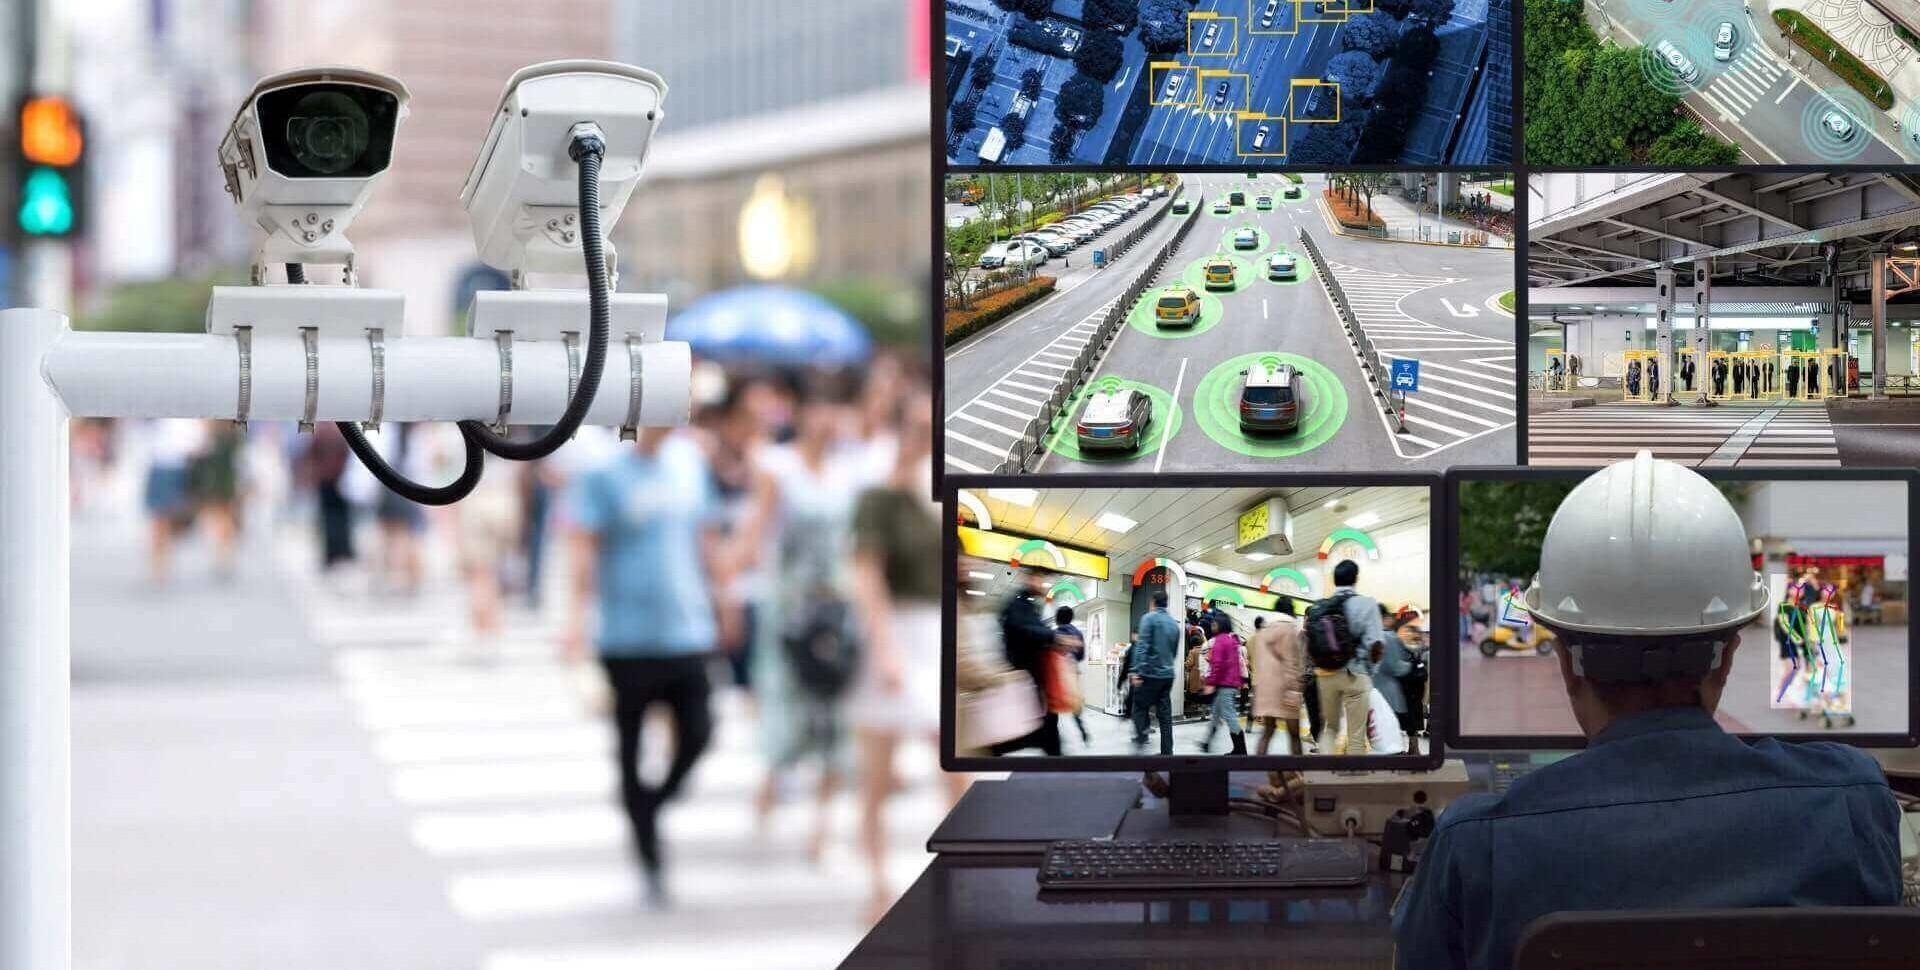 analisi video intelligente